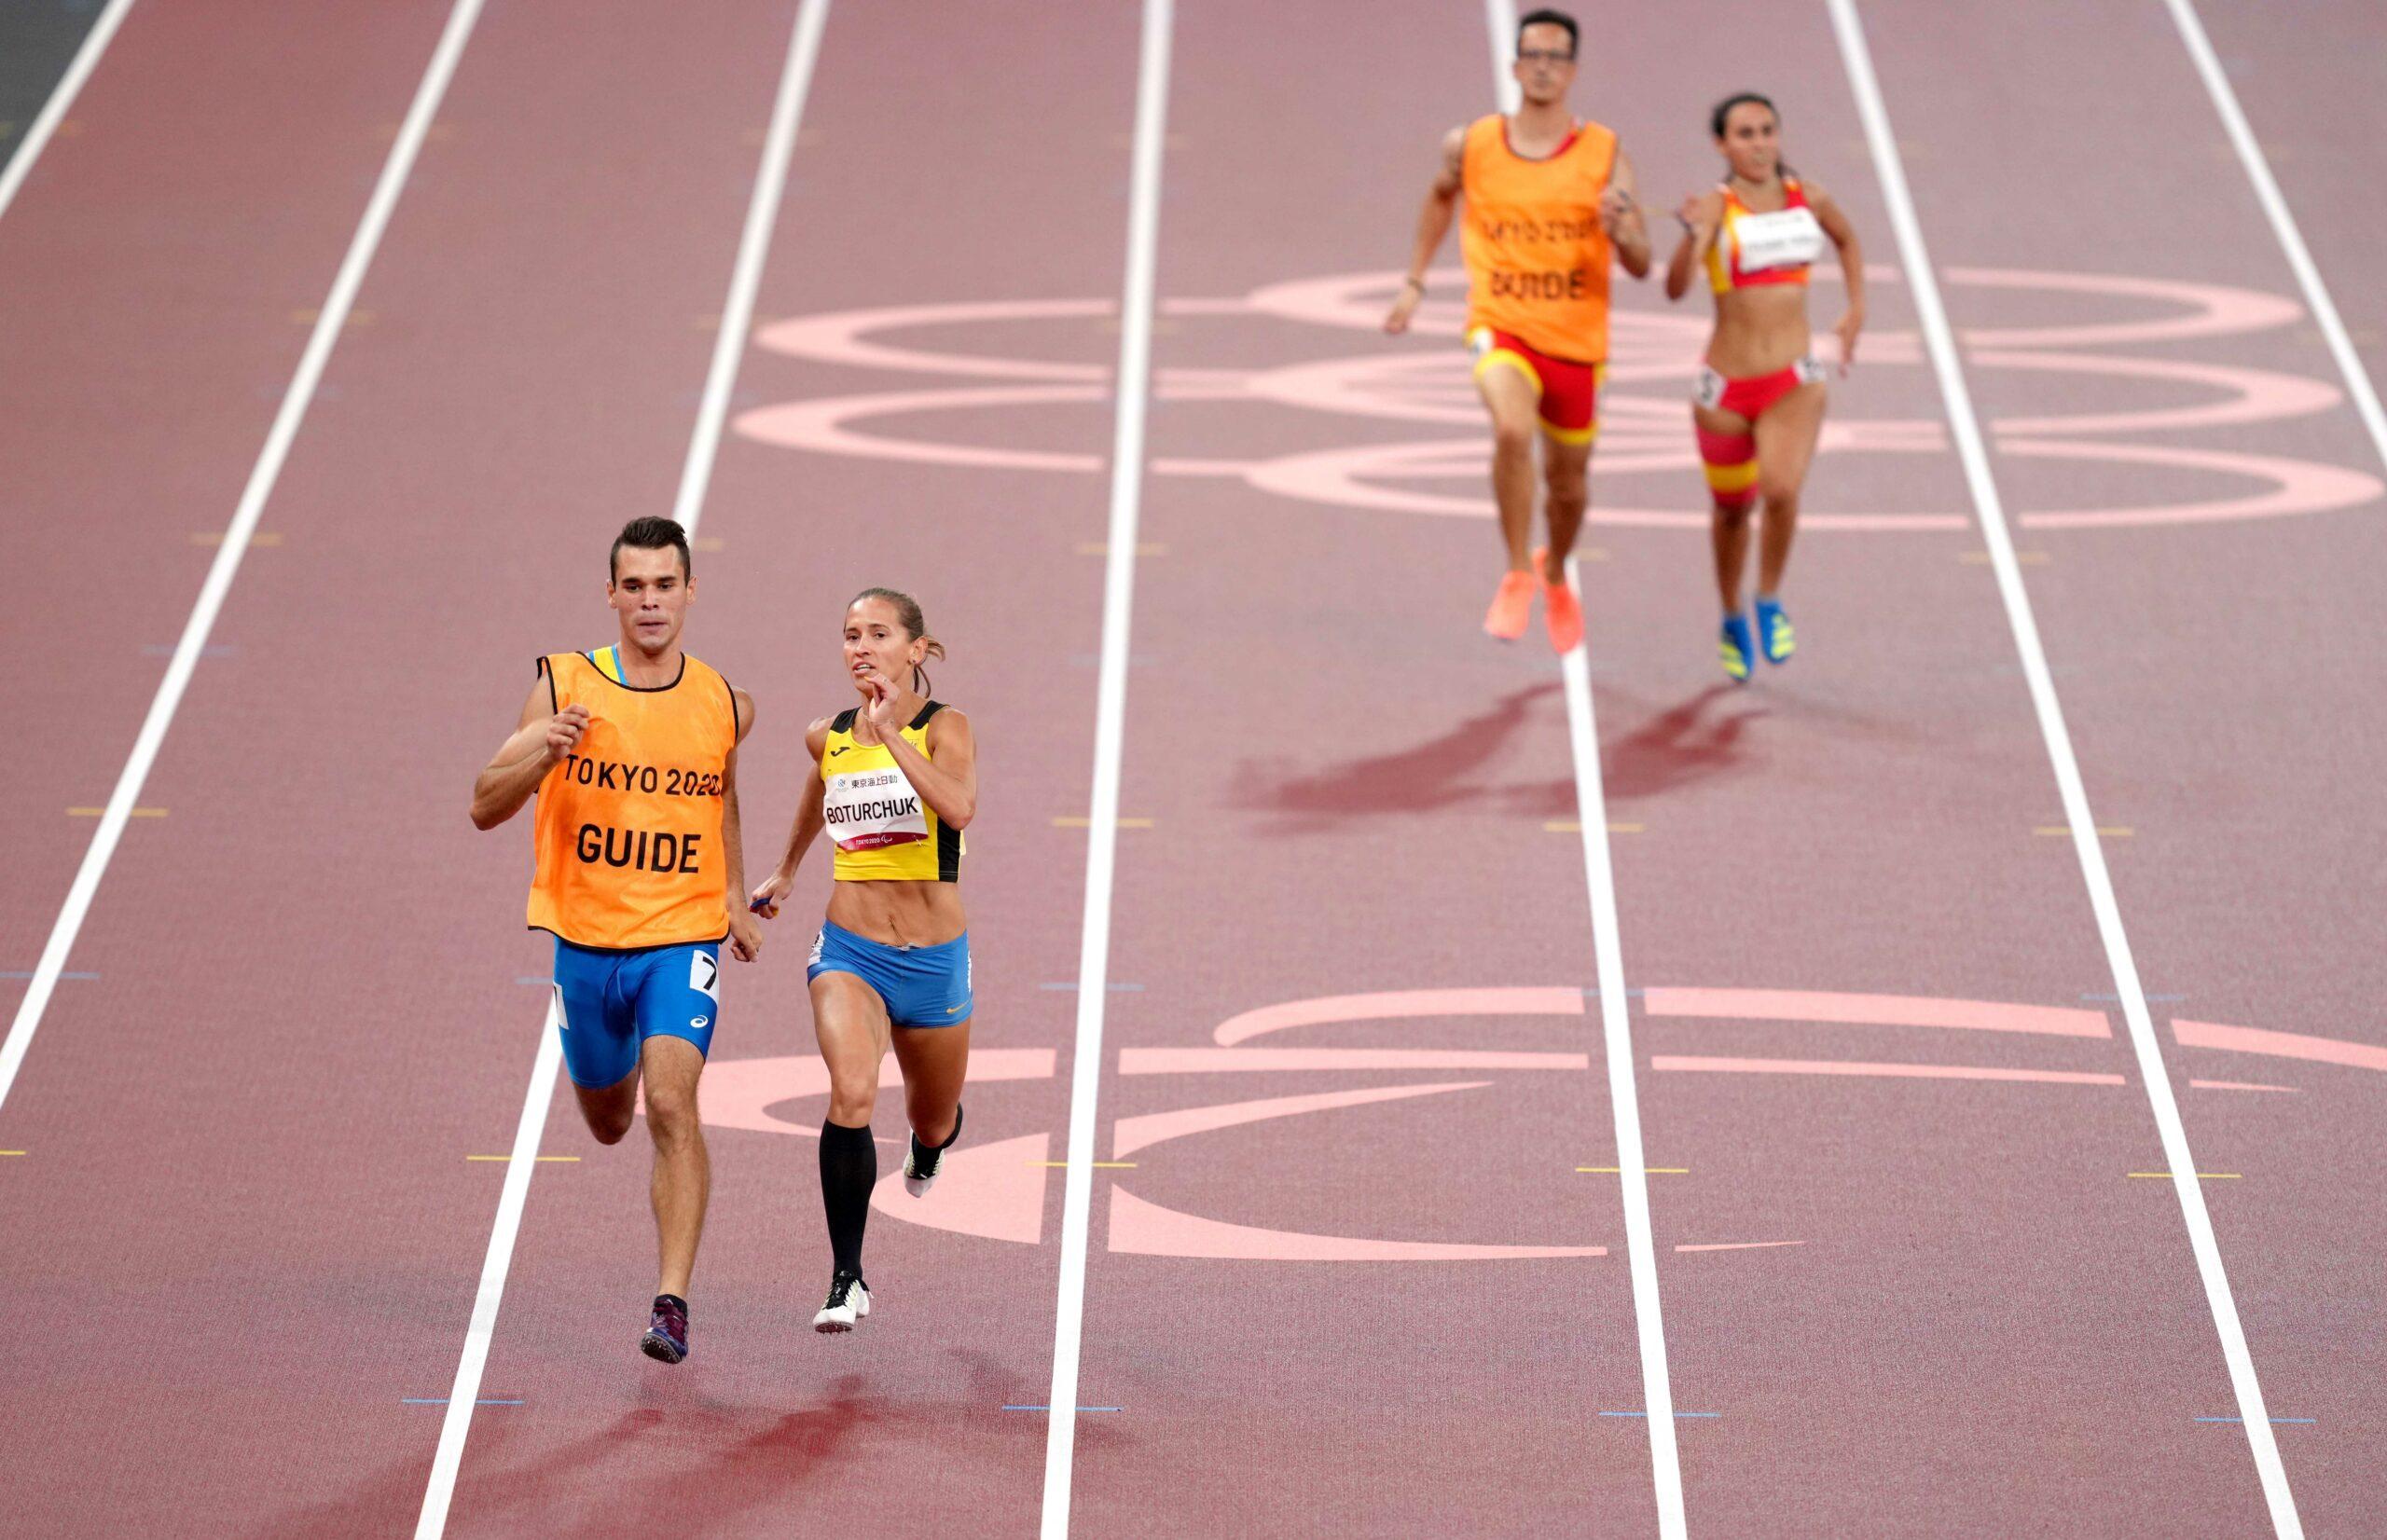 gettyimages 1235030279 scaled - <b>Необмежені можливості.</b> Як українським паралімпійцям удається перемагати в спорті та житті - Заборона